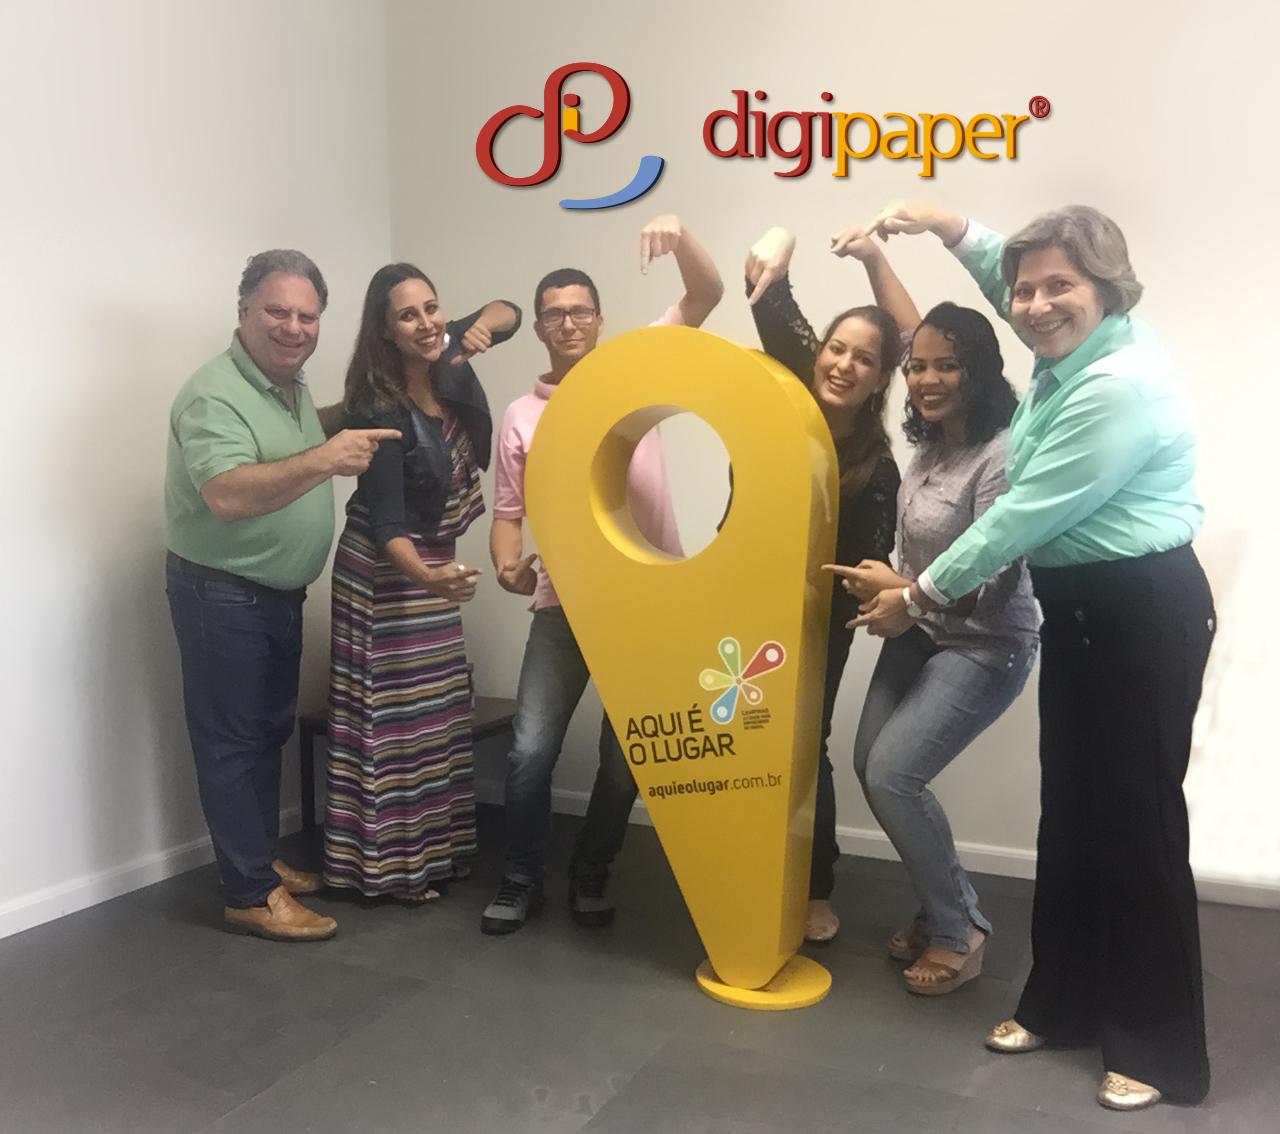 Digipaper Comércio de Informática